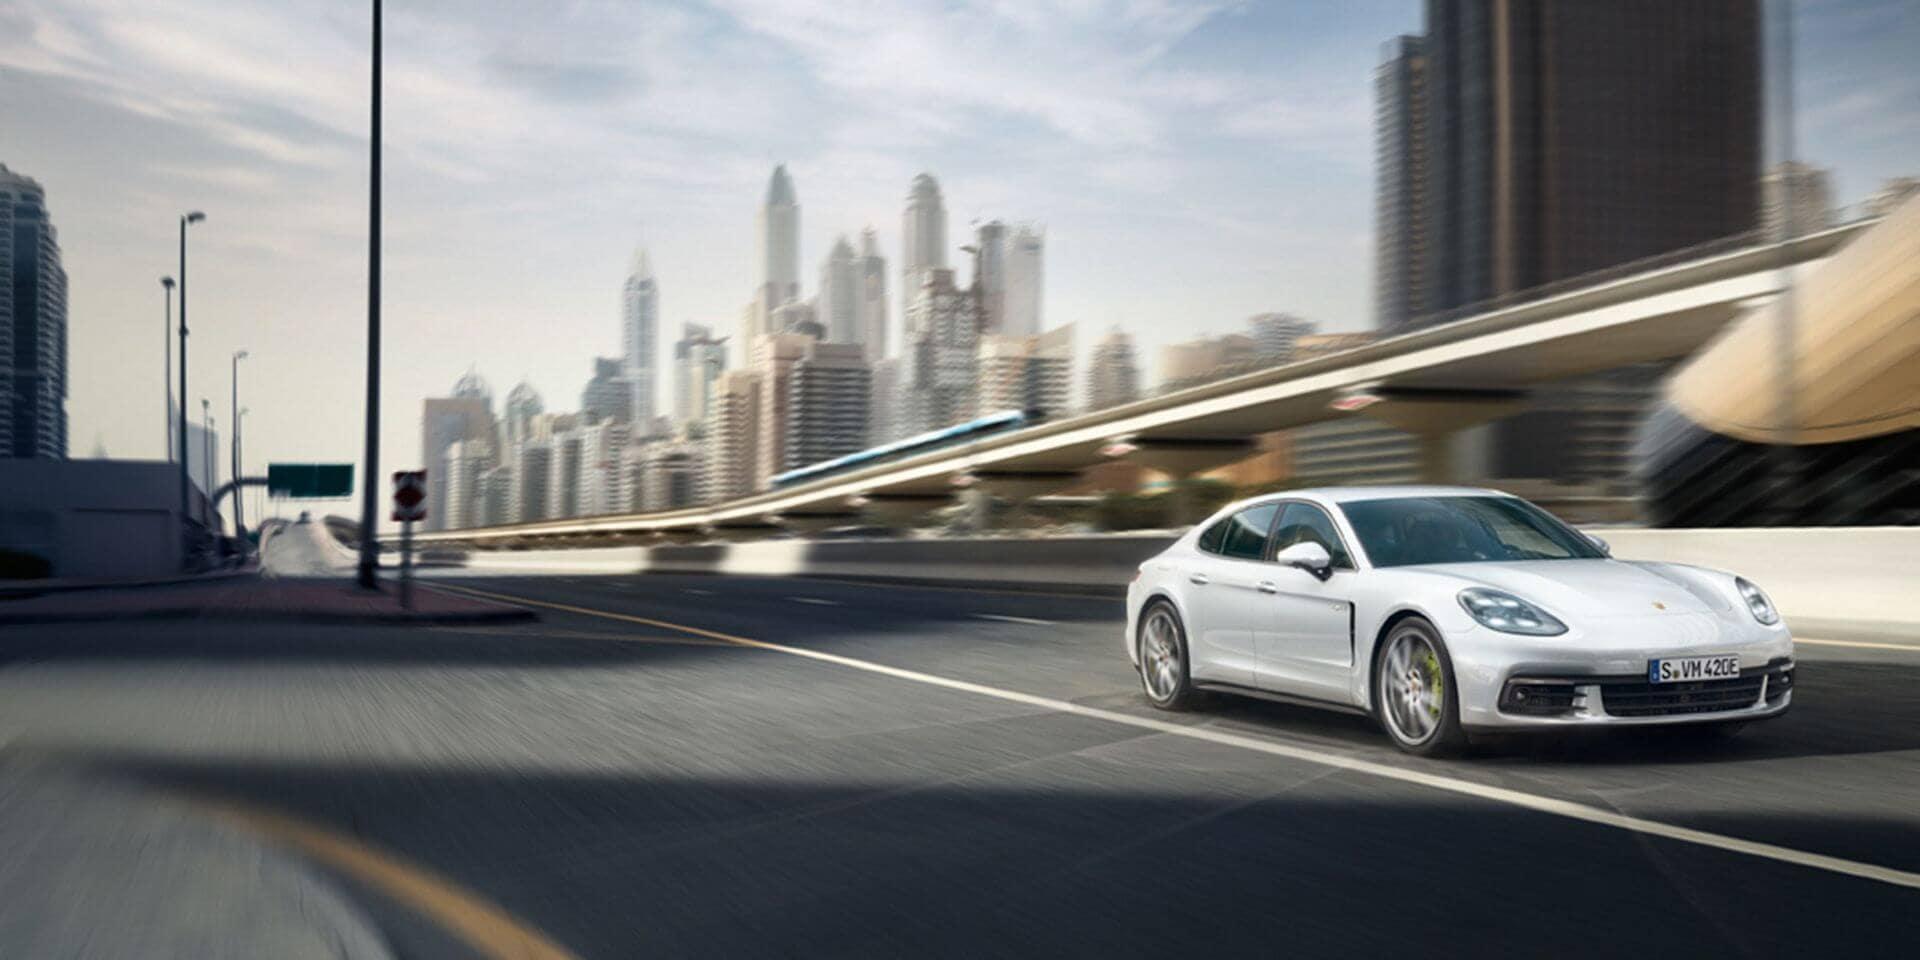 car vehicle luxury vehicle